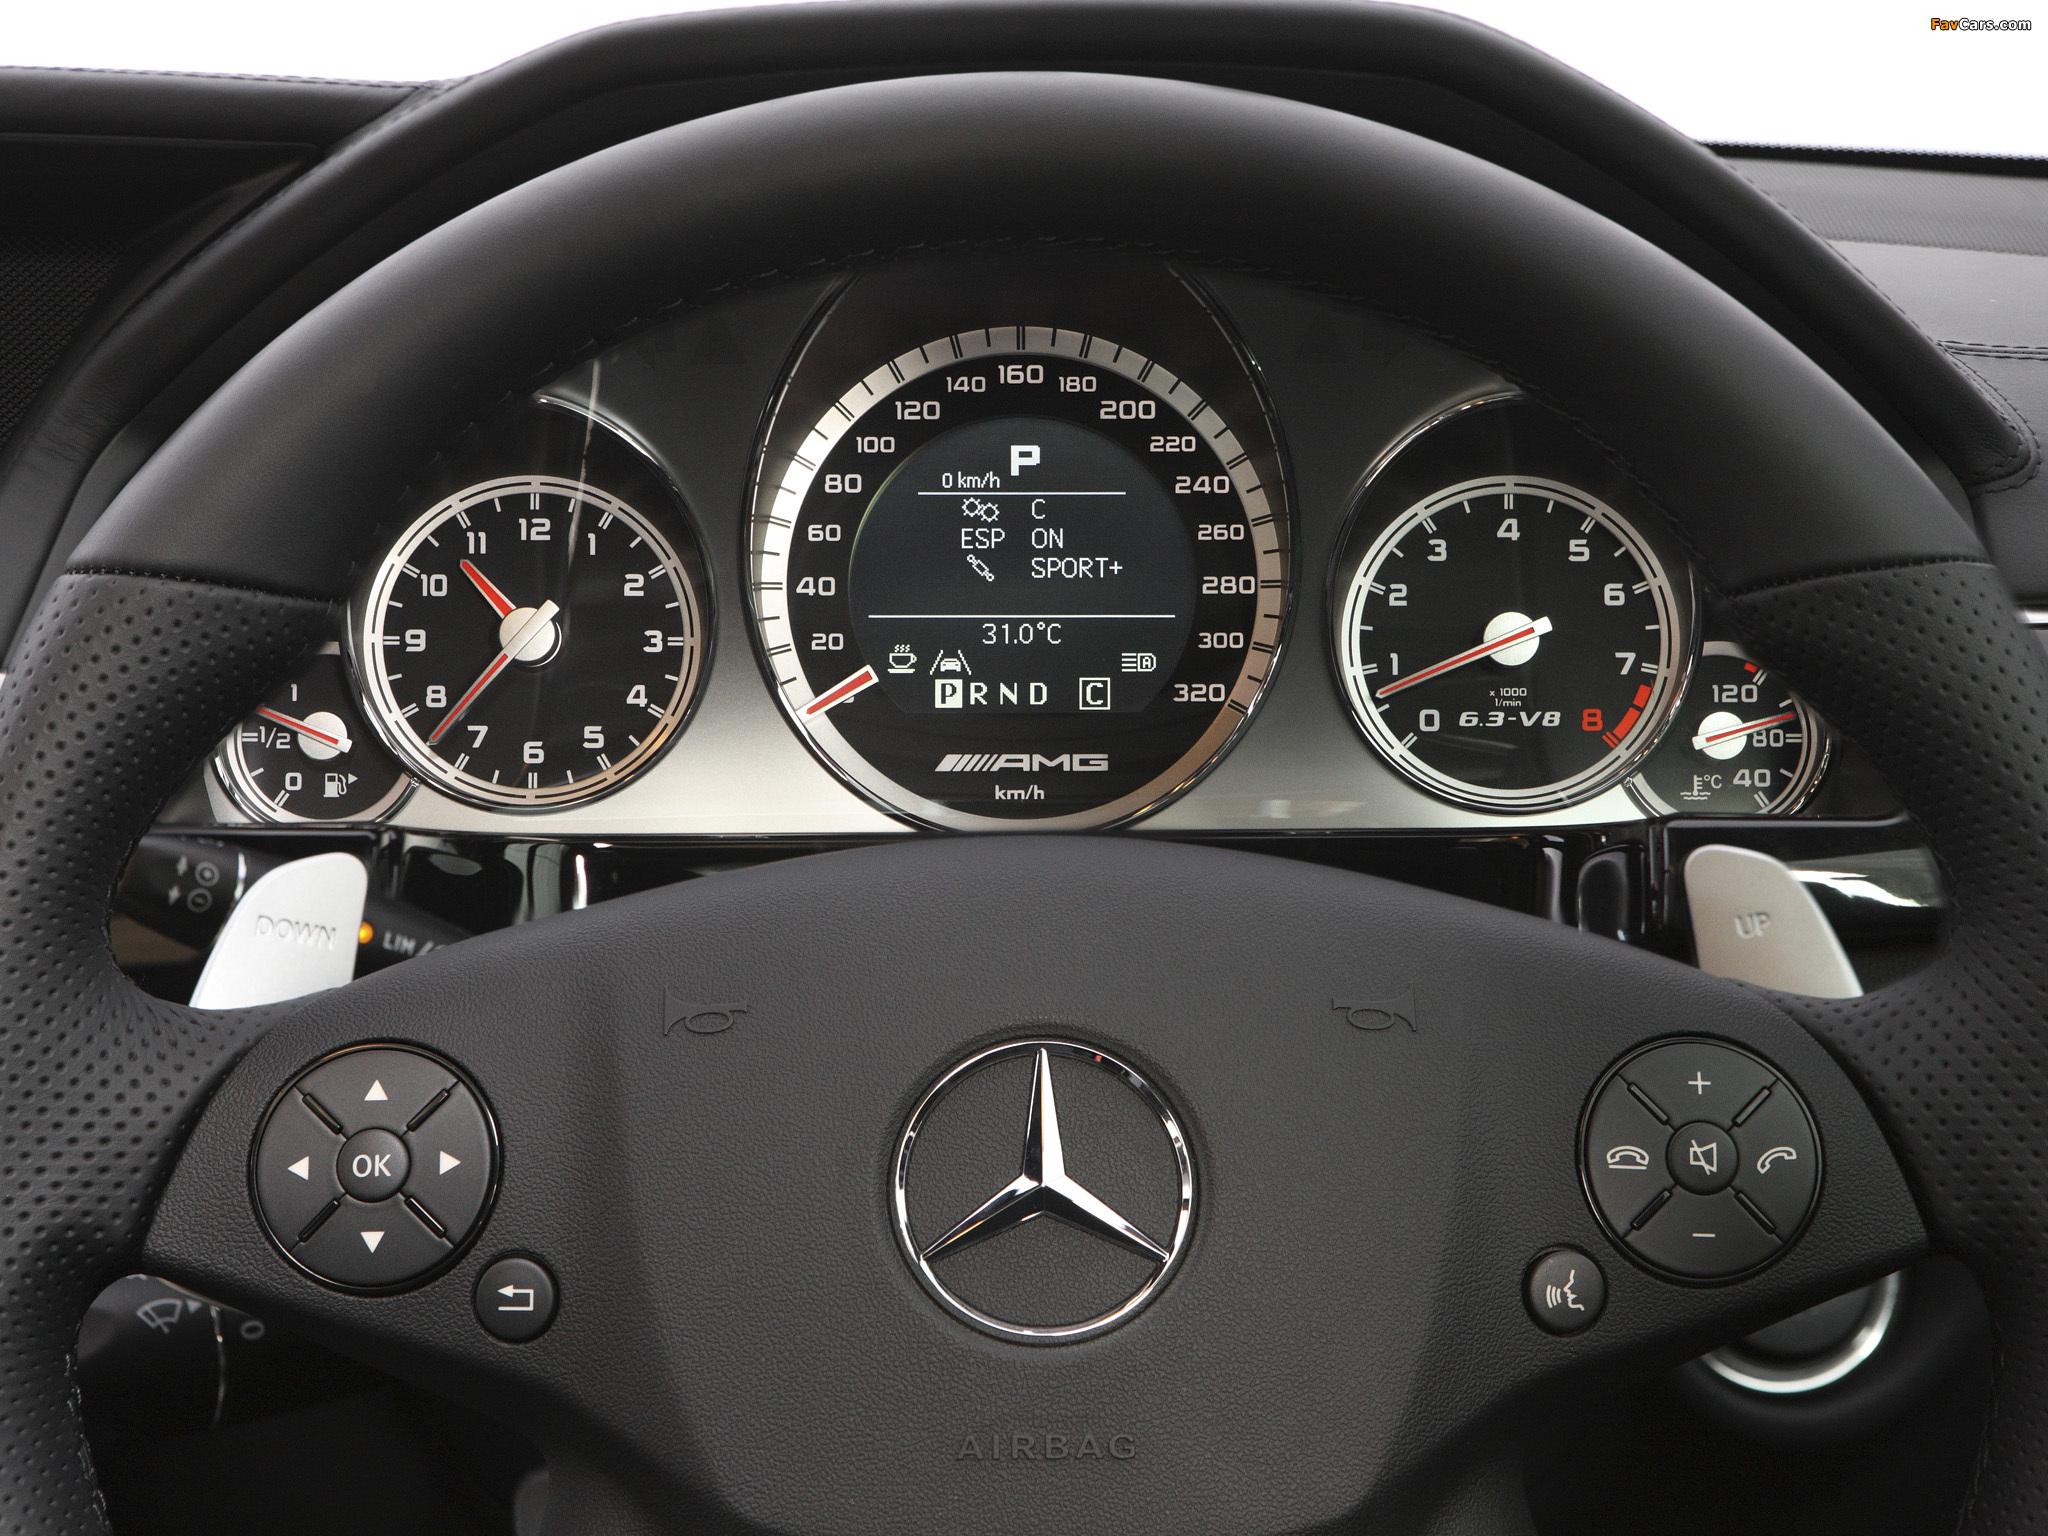 Как в Assyst Plus на Mercedes E-Class (W212) самостоятельно сбросить межсервисный интервал